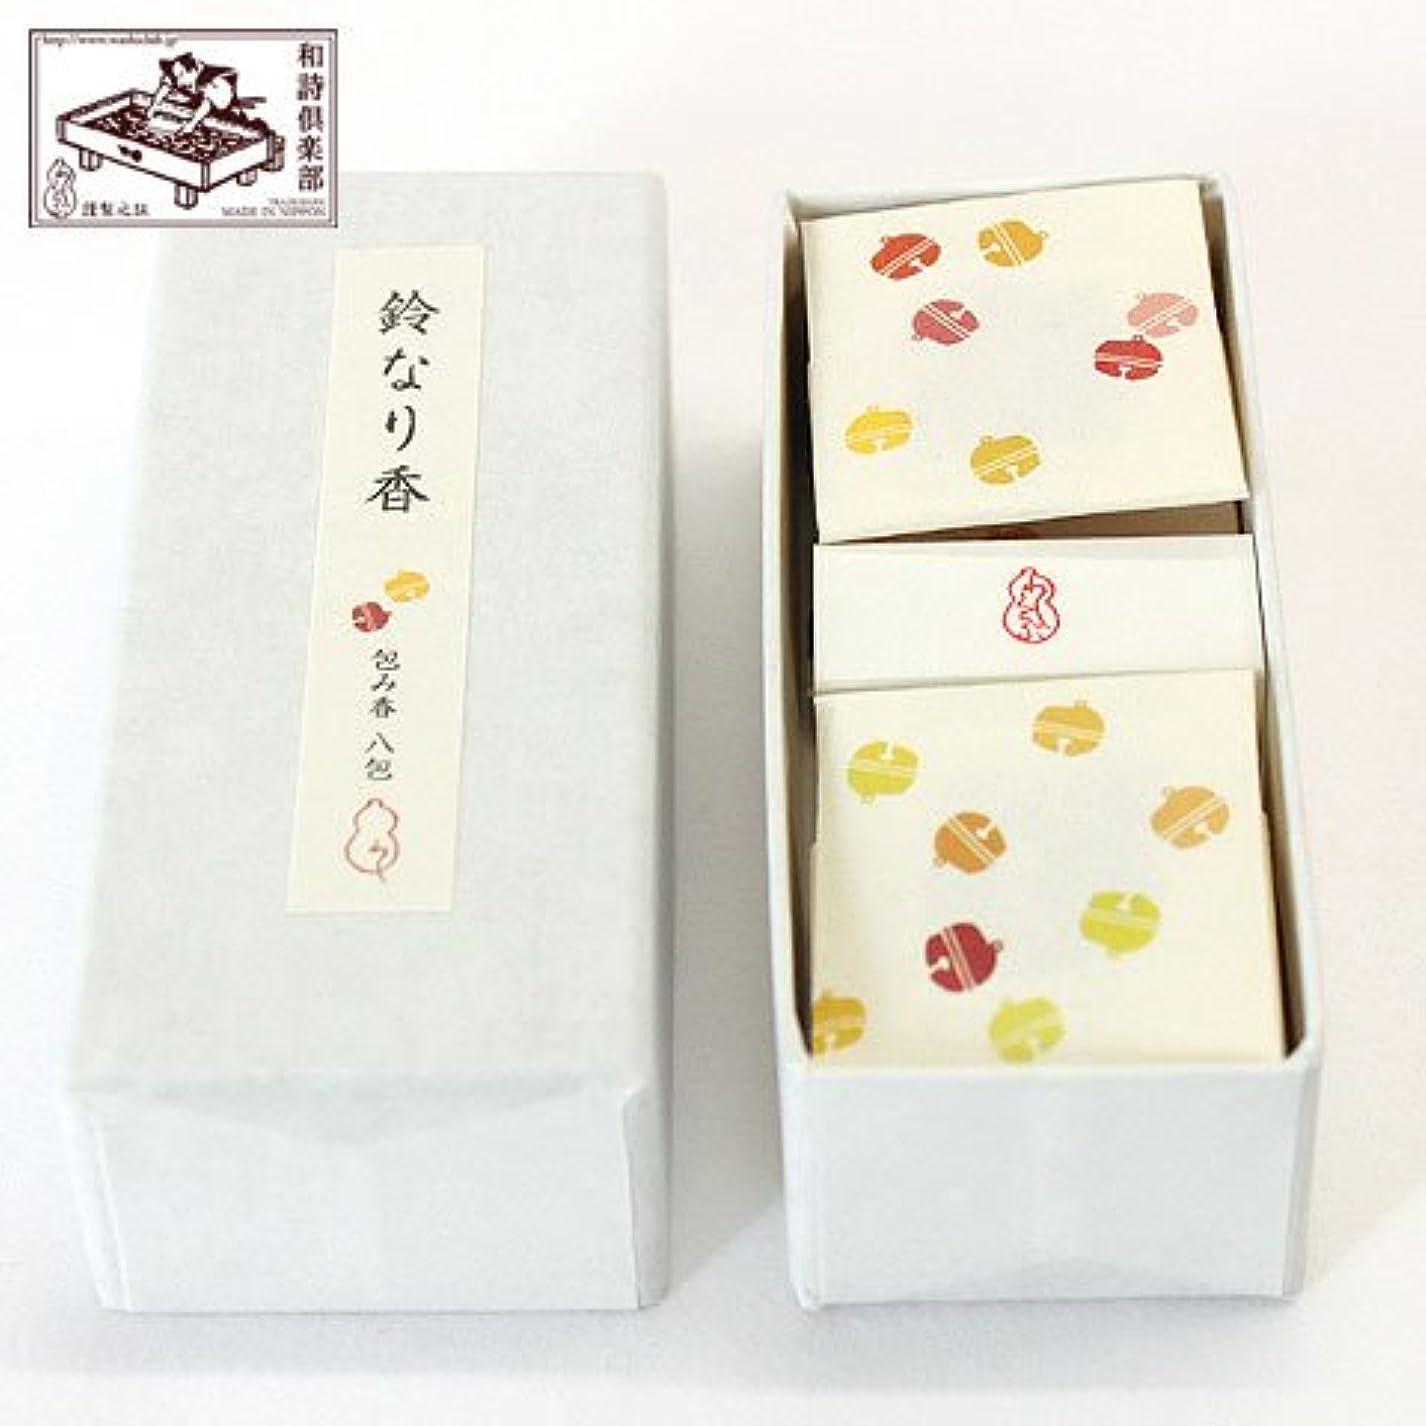 線騒乱ブロック文香包み香鈴なり香 (TU-014)和詩倶楽部